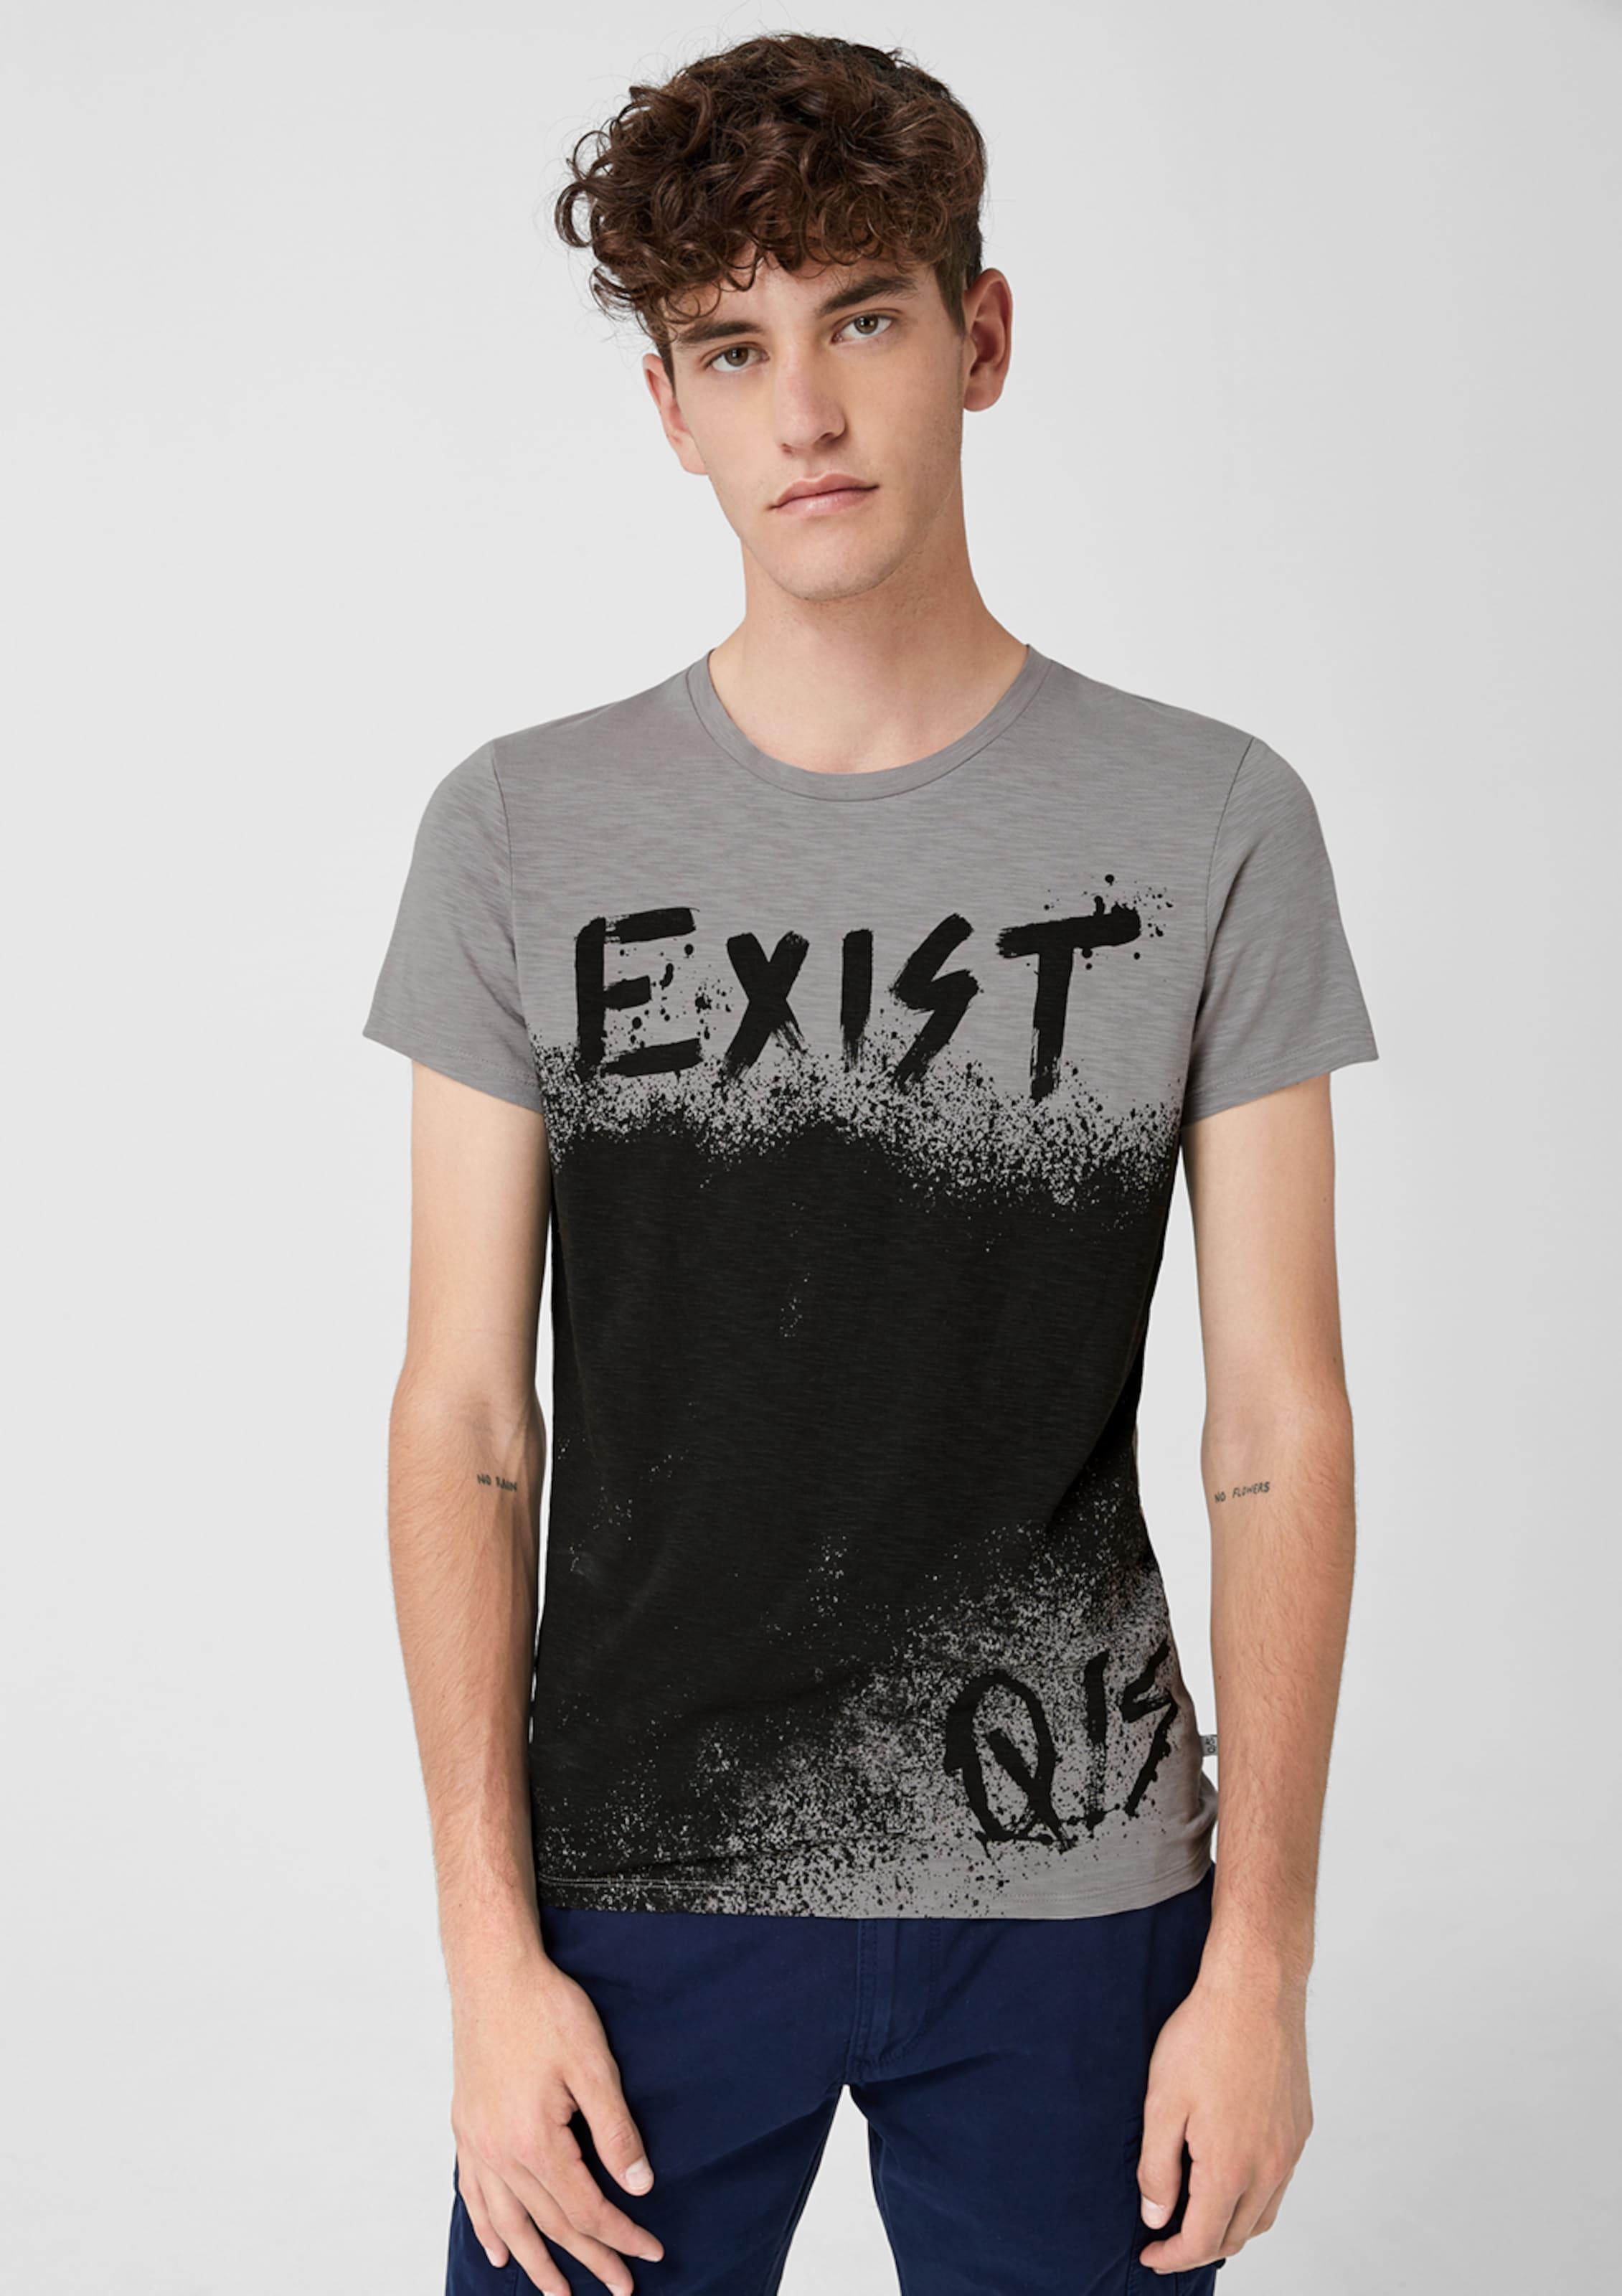 Mit Grau Print Flammgarnshirt Designed Q By In s 3jRq4AL5